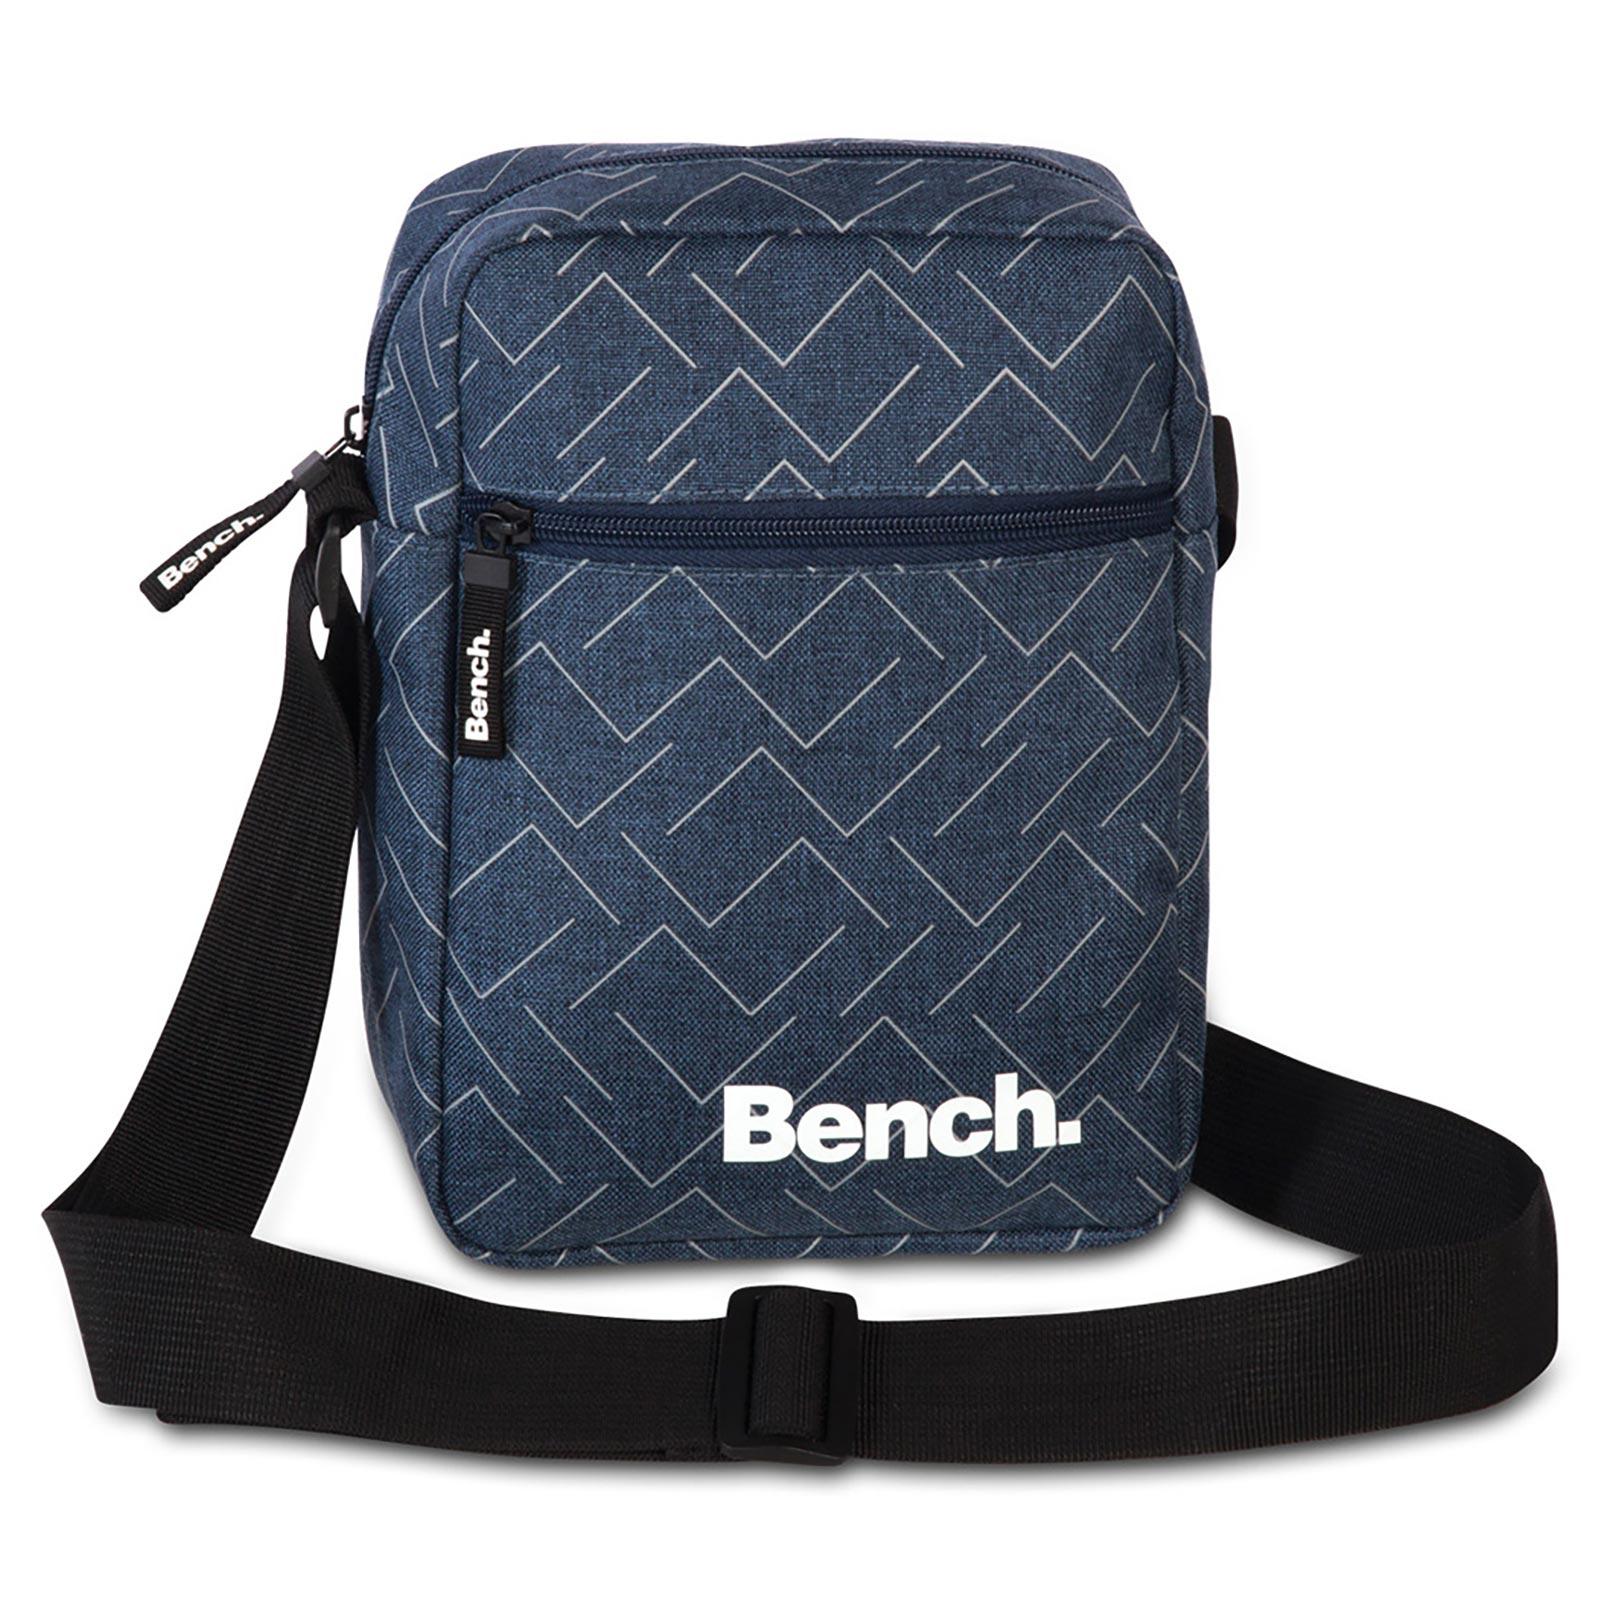 Bench Classic Umhängetasche 23 cm - Blau 64153-0600